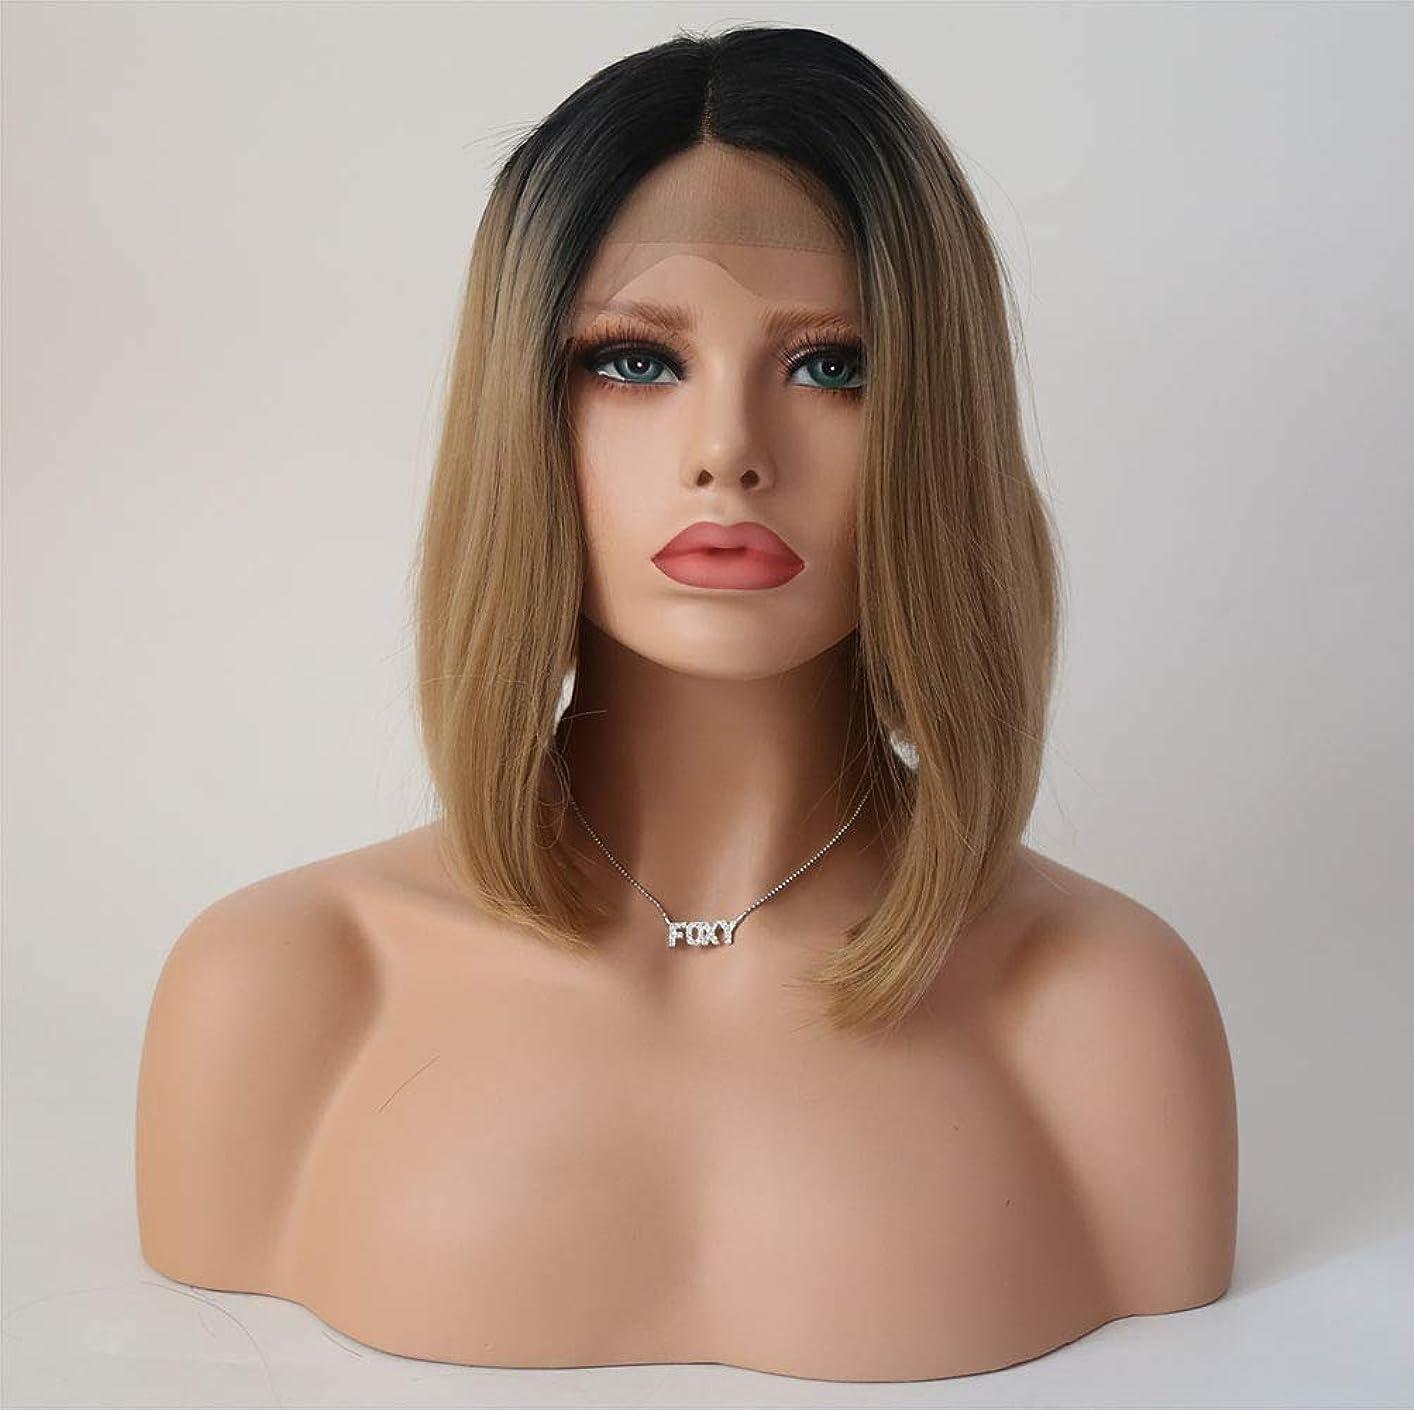 根絶するあらゆる種類のバイオリニスト女性の自然の短い髪ストレートウィッグ人工毛ウィッグ30cmウィッグ